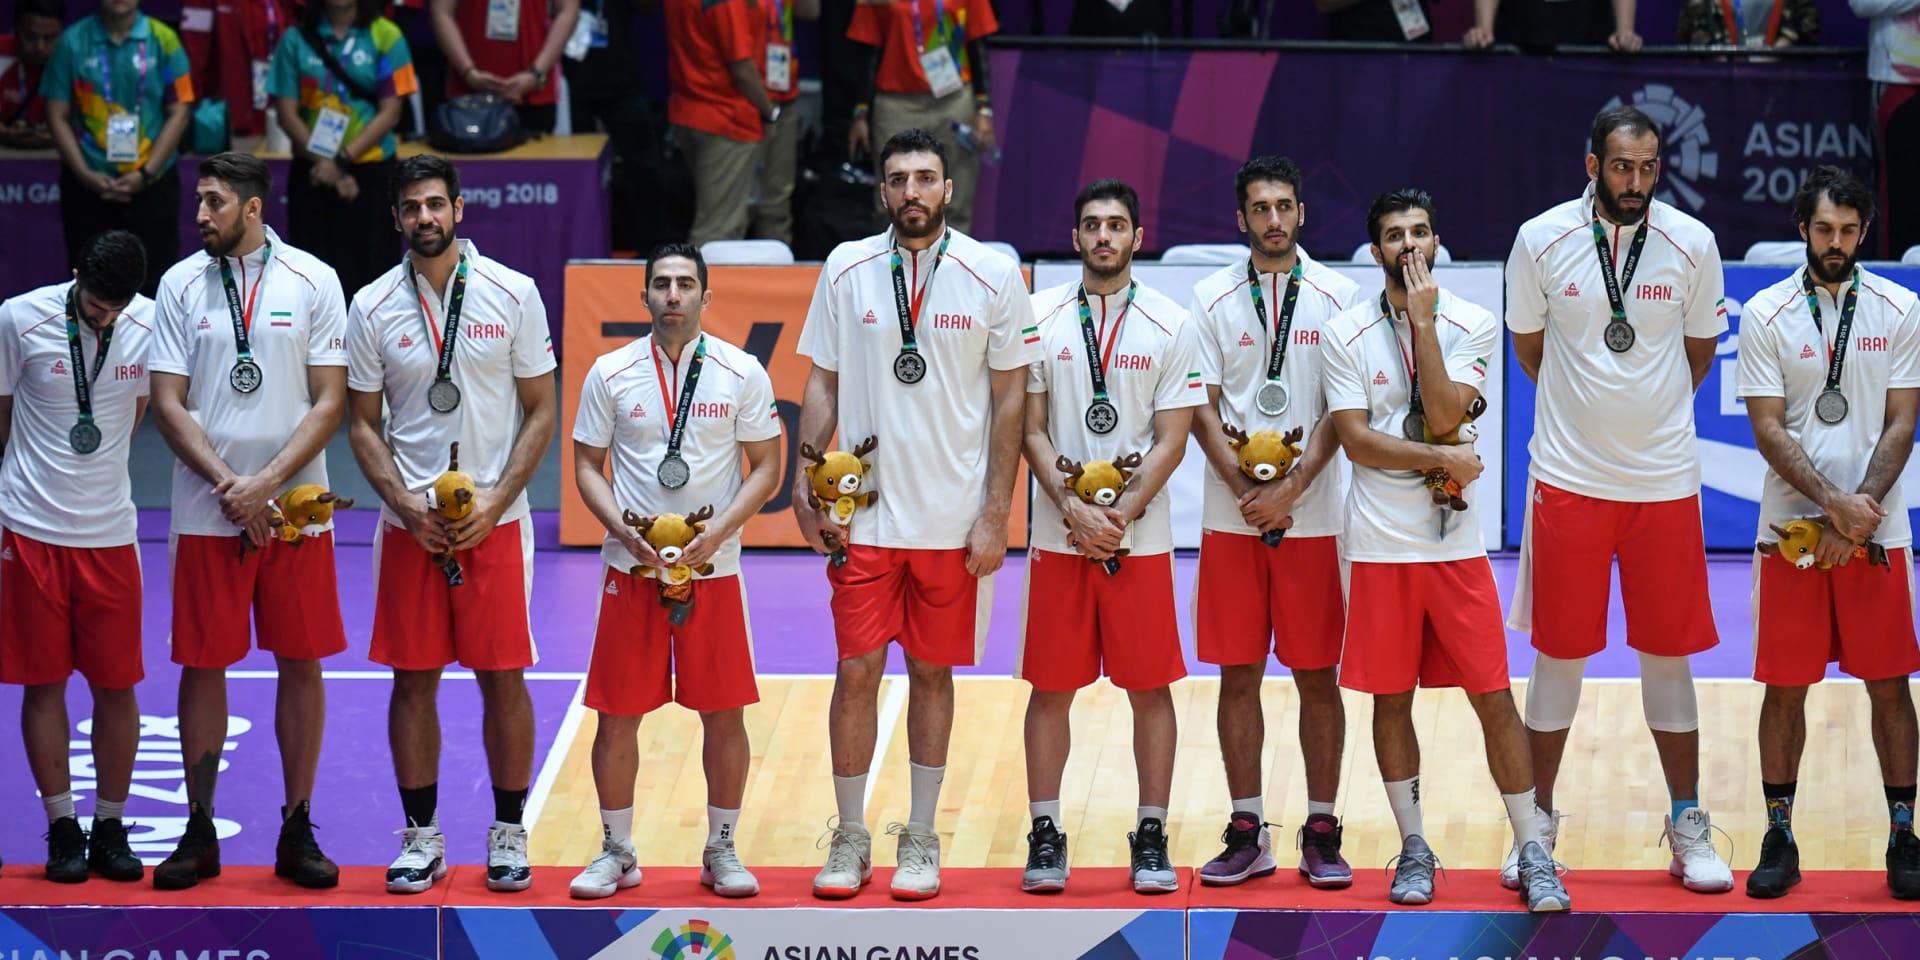 تیم ملی بسکتبال ایران نایب قهرمان بازی های آسیایی شد